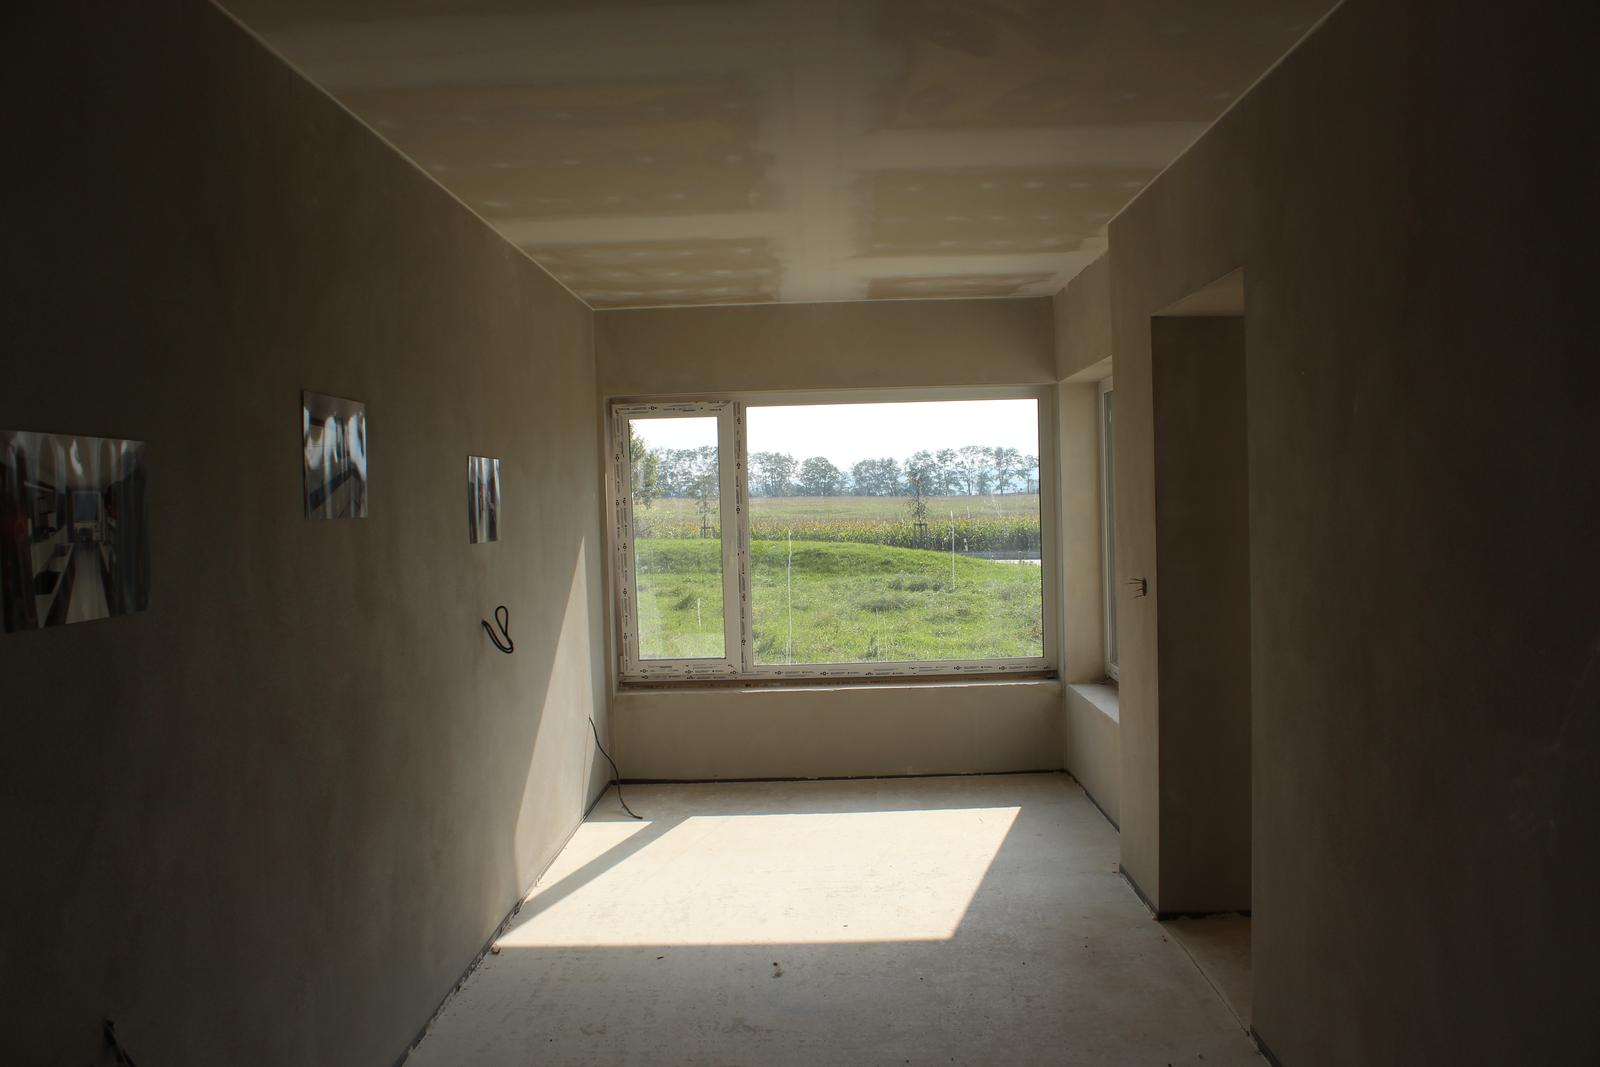 Splněný sen ... domeček - pohled z kuchyne do jidelny